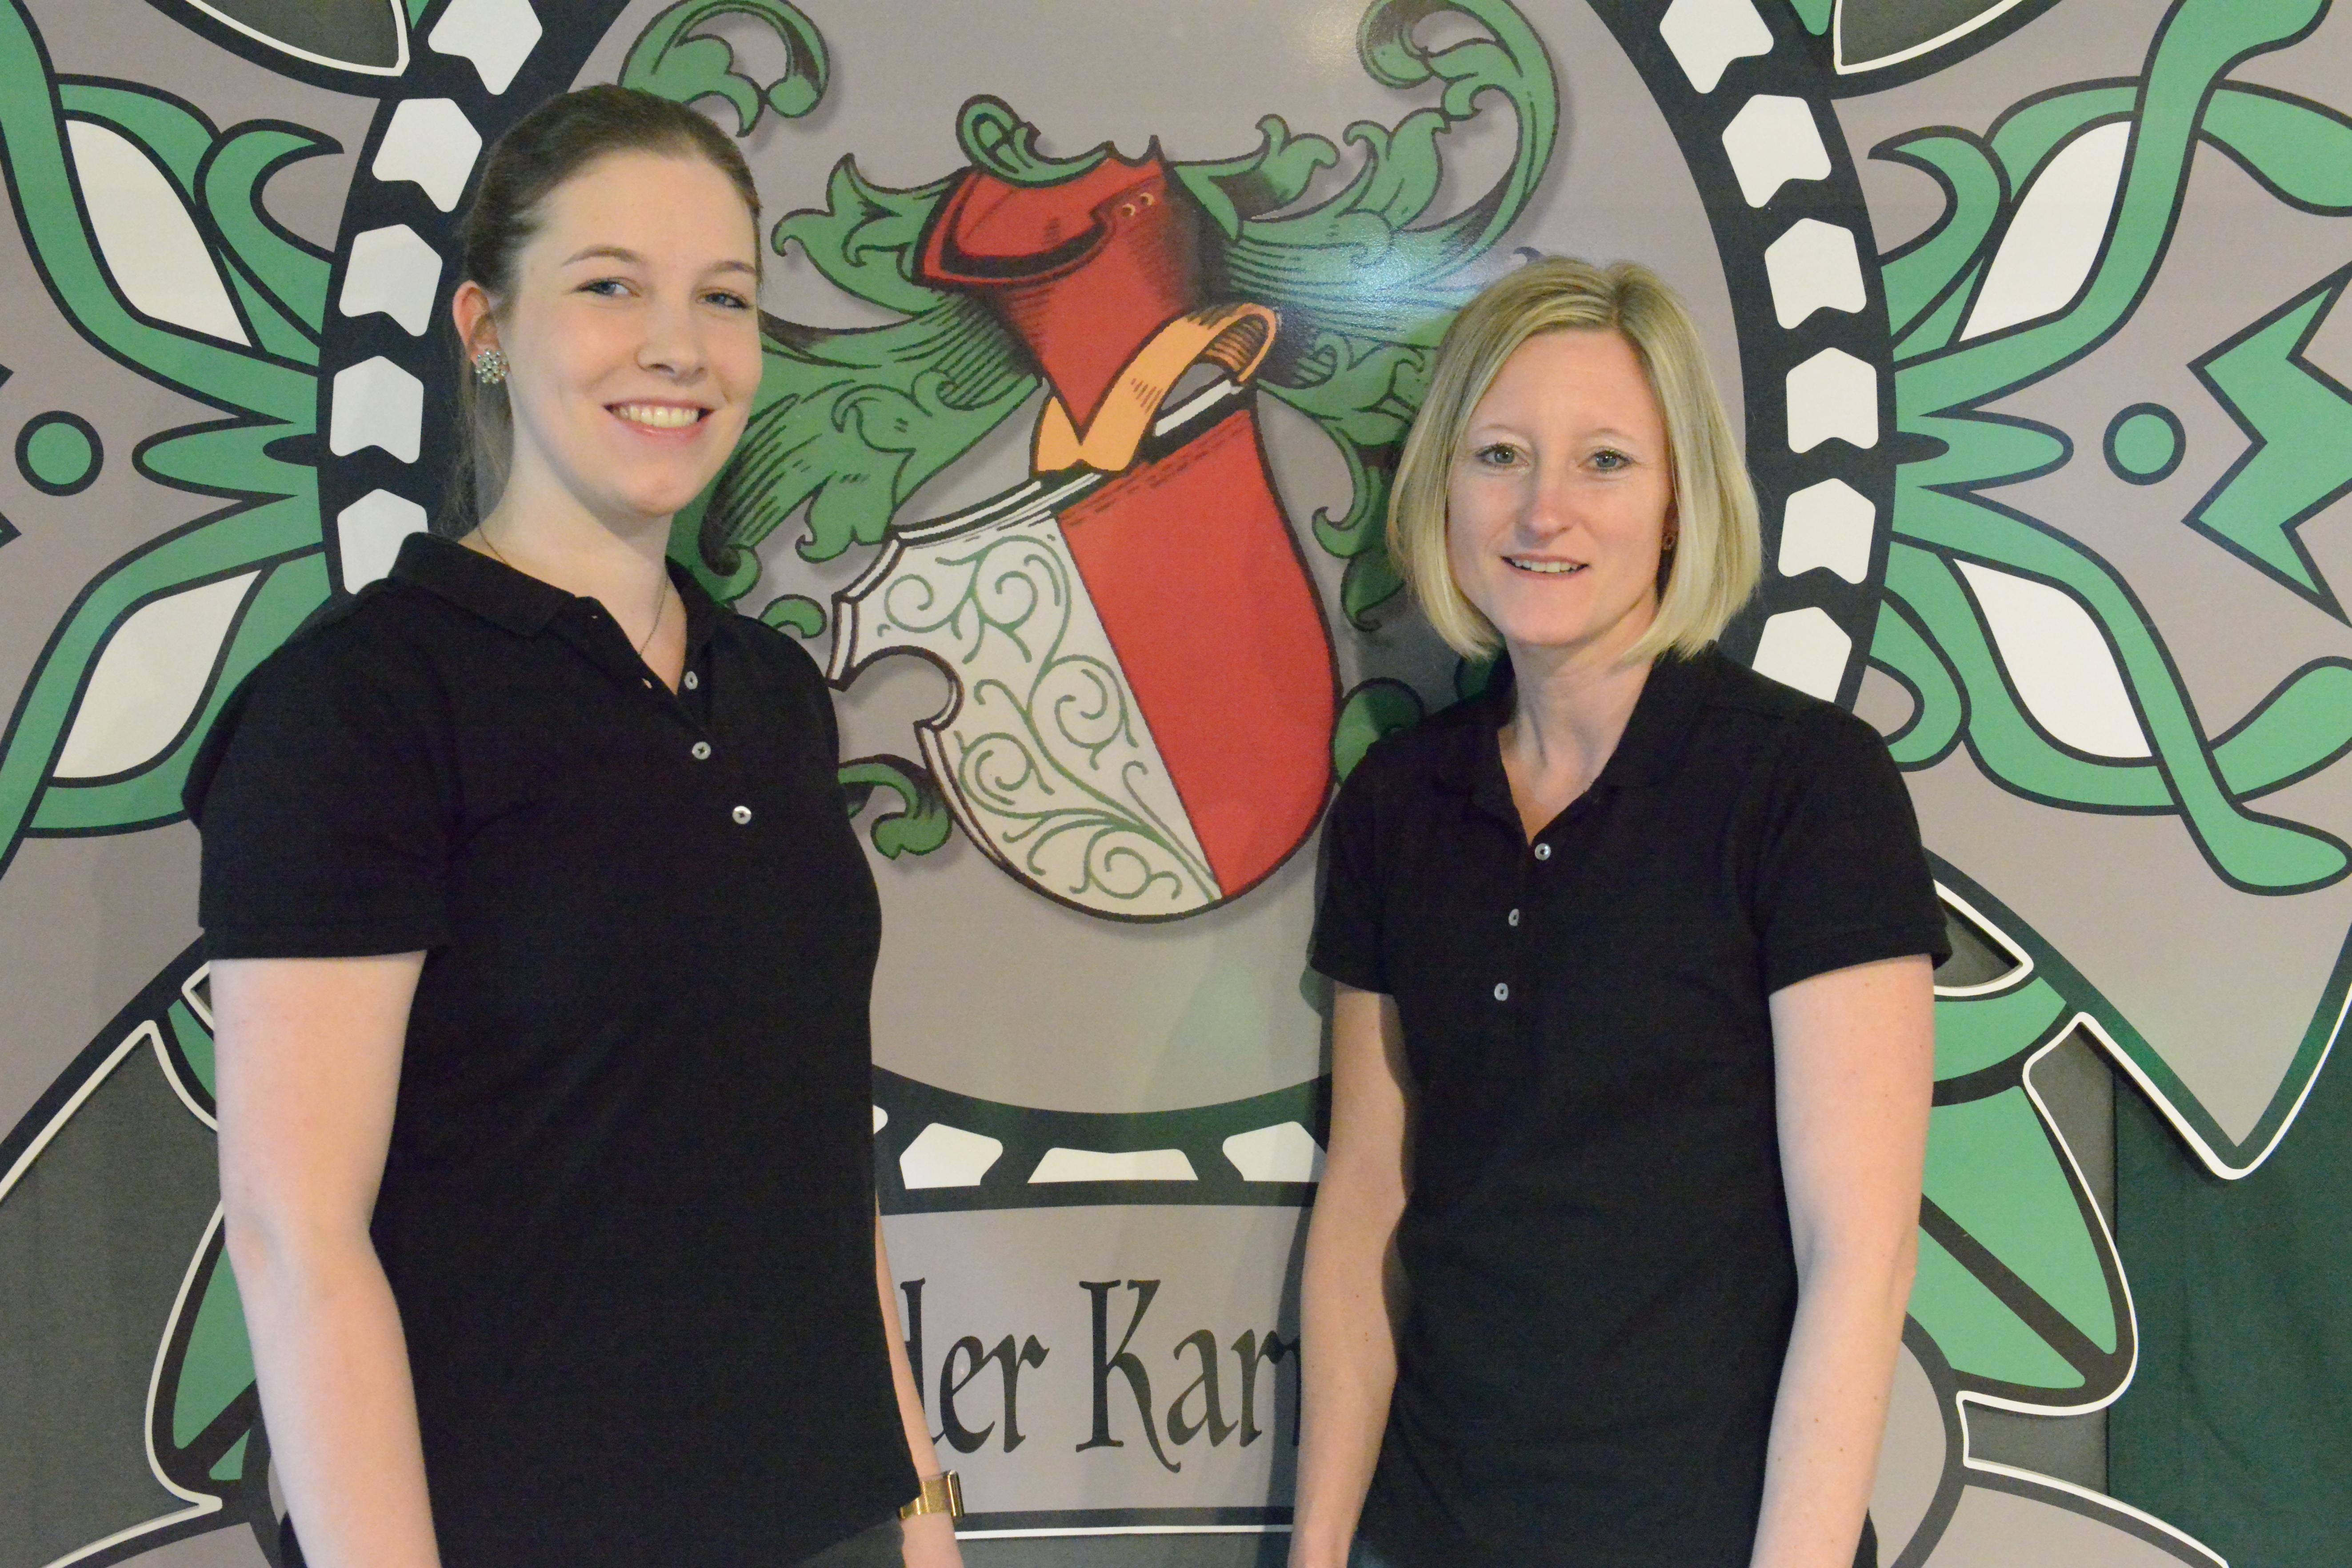 Lisa-Marie Steinberg & Sabrina Kirchhoff